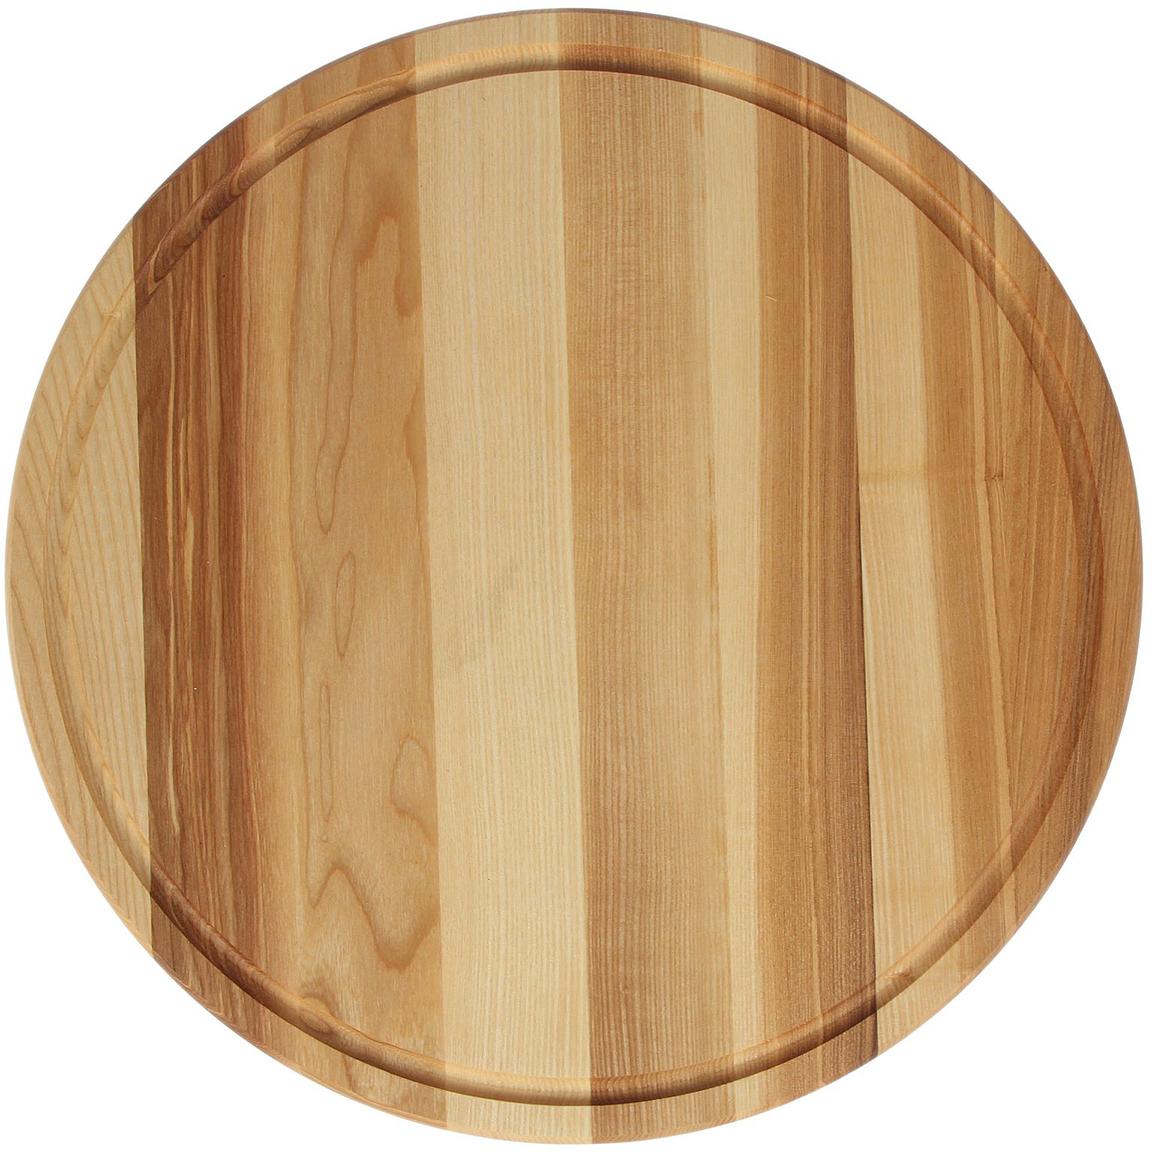 Доска разделочная Доброе дерево Для пиццы, цвет: бежевый, 45 х 45 х 2 см1893049Такую разделочную доску можно использовать и в качестве подноса. Подав пиццу таким образом, вы удивите своих гостей.Изделие выполнено из древесины твёрдых пород, которые менее чувствительны к влаге. Этот материал имеет больший срок службы. Также такая древесина приспособлена для ежедневной нарезки твёрдых продуктов.Уход за деревянной разделочной доскойОбработайте перед первым применением. Используйте пищевое минеральное или льняное масло. Протрите им доску и дайте впитаться в древесину. Уберите излишки масла сухой тканью. Повторяйте процедуру каждые 2?3 месяца, так вы предотвратите появление пятен, плесени и запахов еды. Для сохранения гладкости протирайте изделие наждачной бумагой. Используйте несколько разделочных досок для разного вида пищи. Это препятствует распространению бактерий сырых продуктов. Тщательно мойте и дезинфицируйте разделочную доску мылом и горячей водой после каждого использования. После этого высушите. Чтобы избавиться от запаха чеснока или лука, смажьте доску солью с лимоном. Через пару минут протрите поверхность и промойте её. Храните доску в сухом месте в вертикальном положении и вдали от посторонних запахов. Соблюдайте рекомендации, и разделочная доска прослужит вам долгие годы!